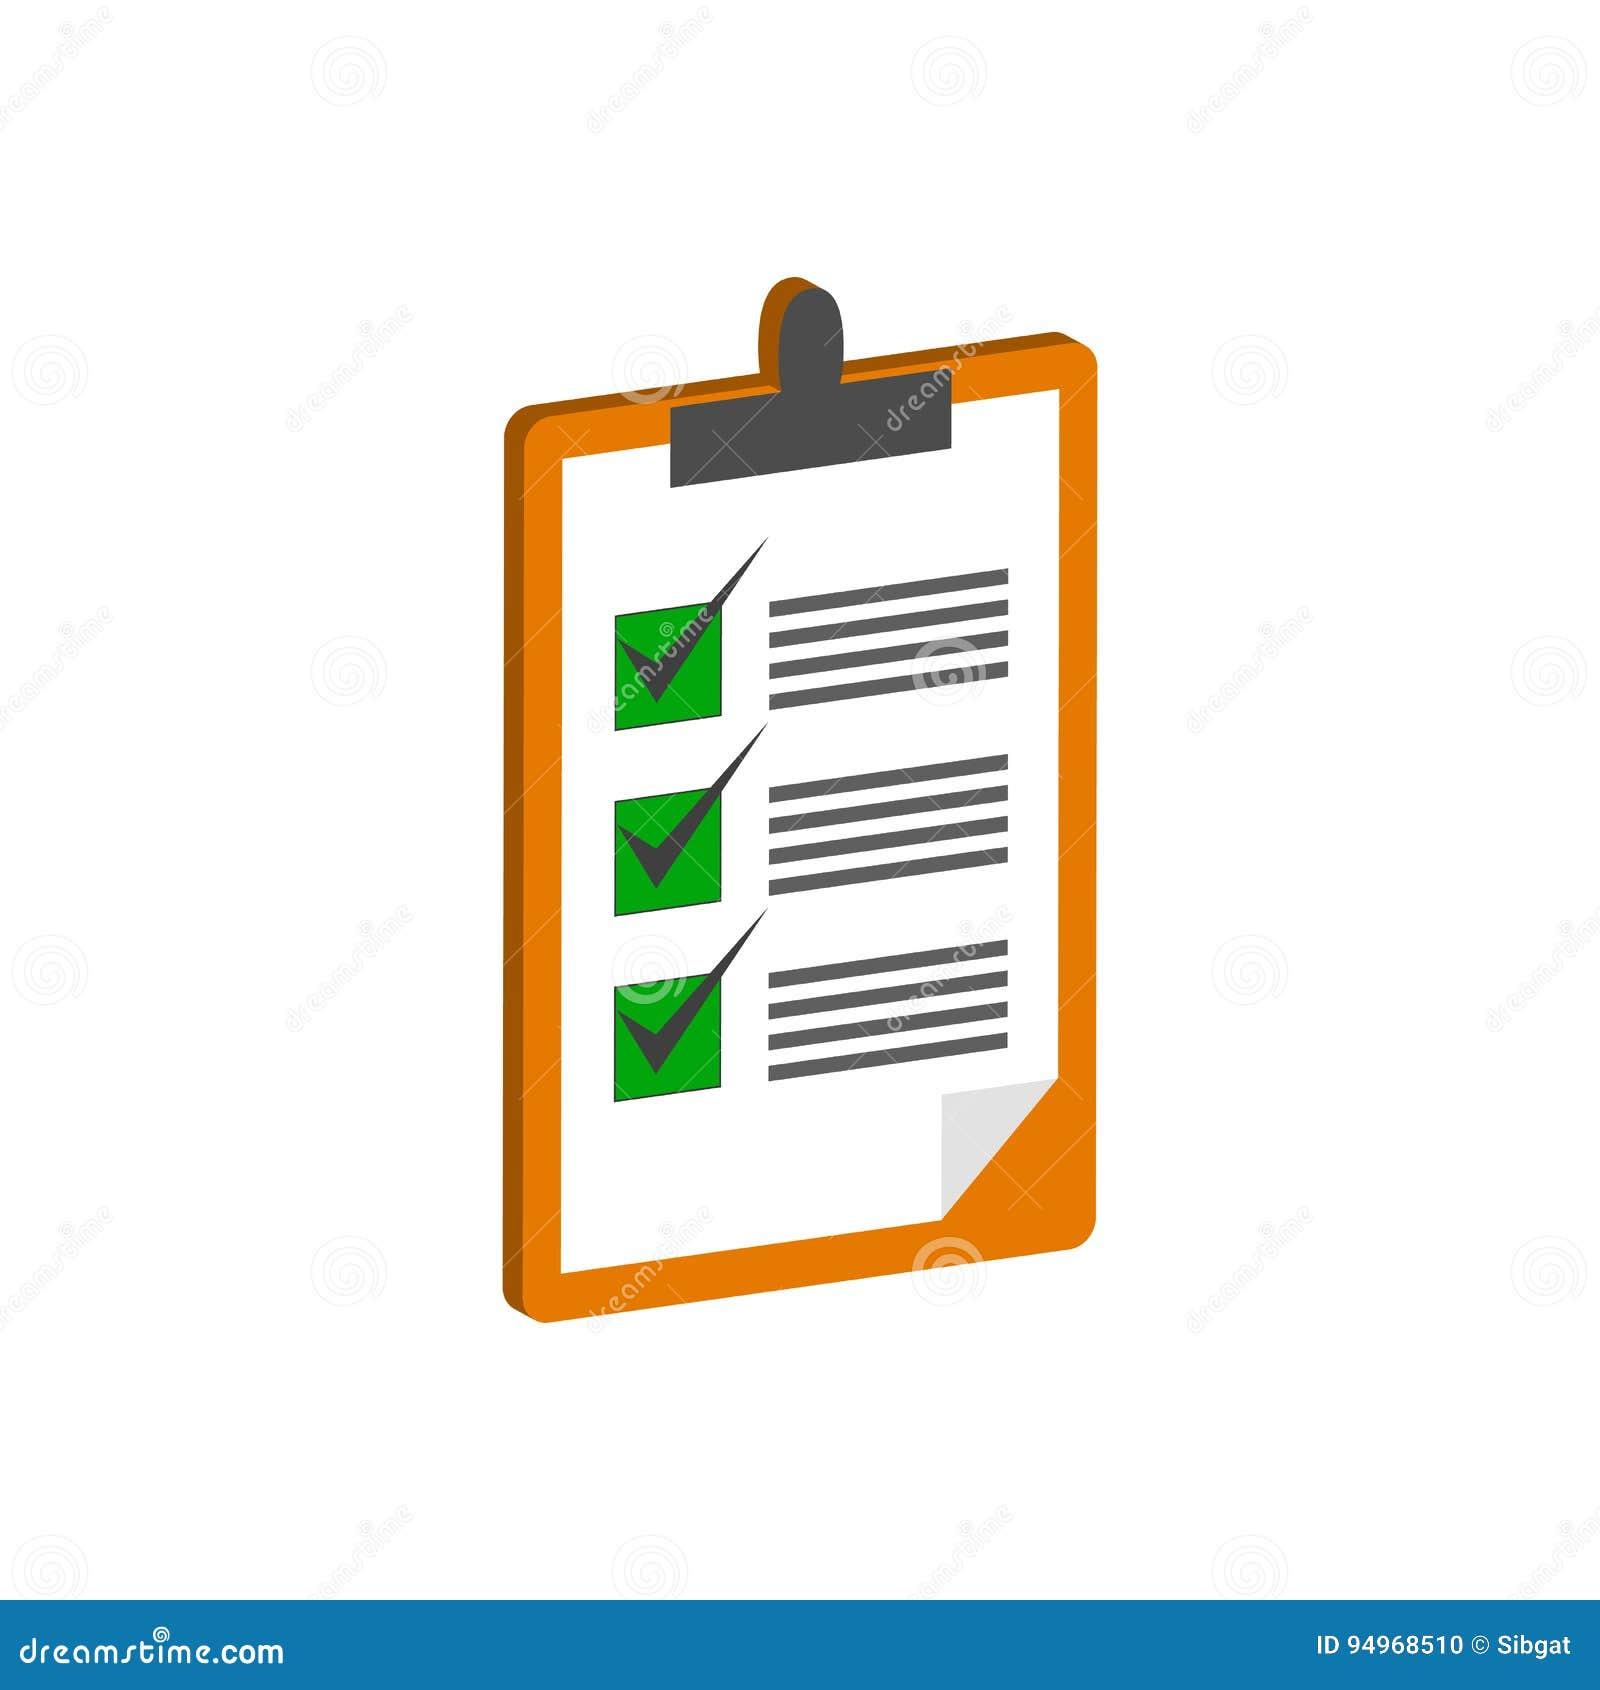 Presse-papiers avec le symbole de liste de contrôle Icône ou logo isométrique plate